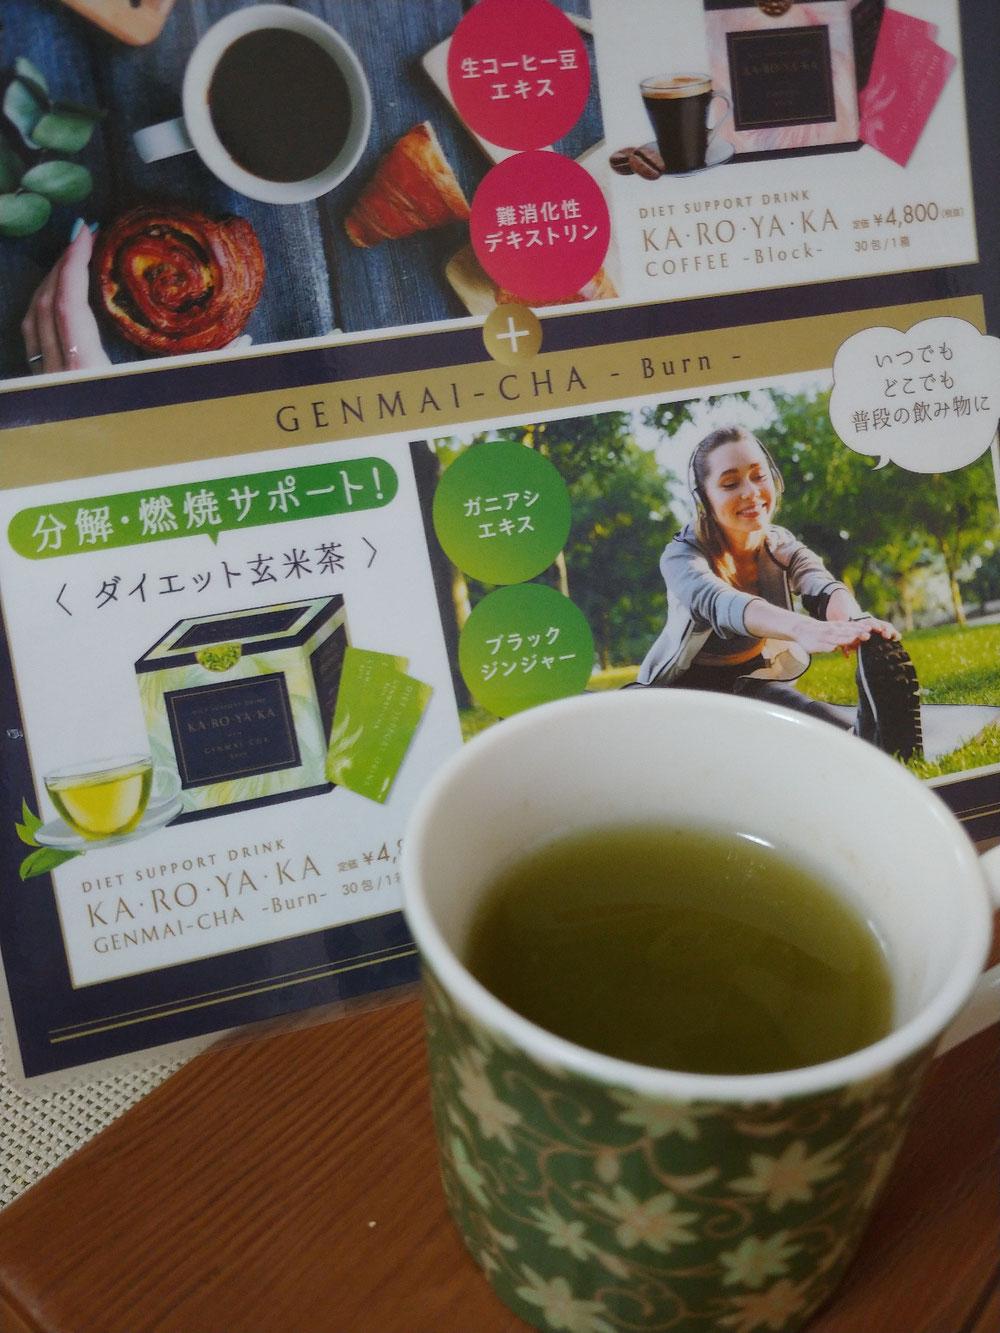 ダイエットコーヒー ダイエット玄米茶